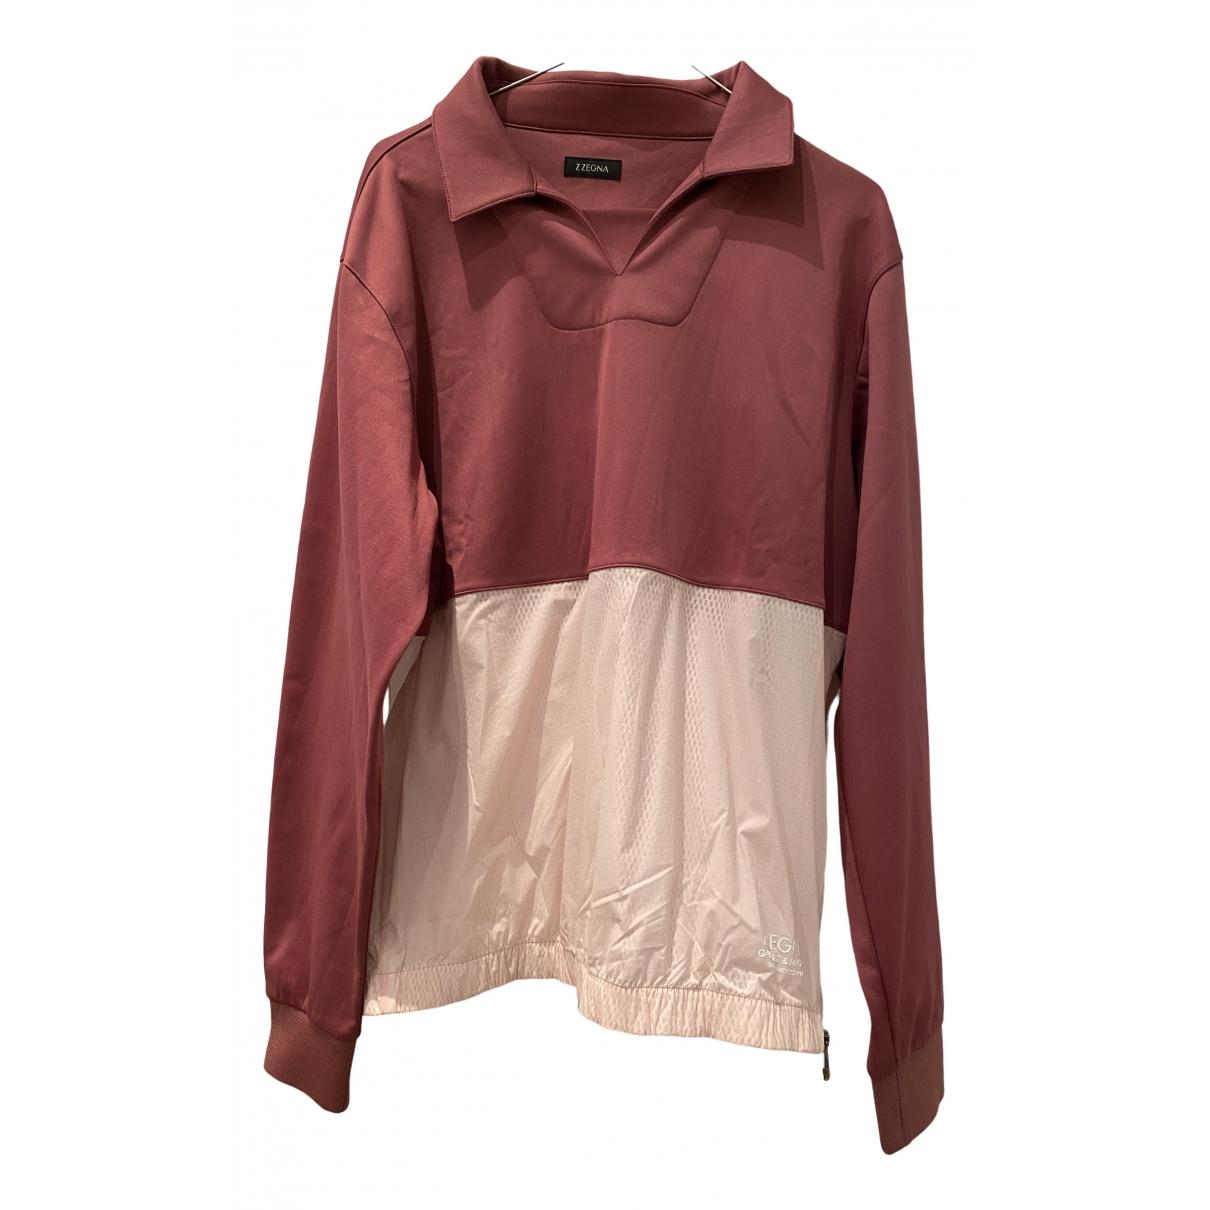 Z Zegna \N Pink Knitwear & Sweatshirts for Men L International